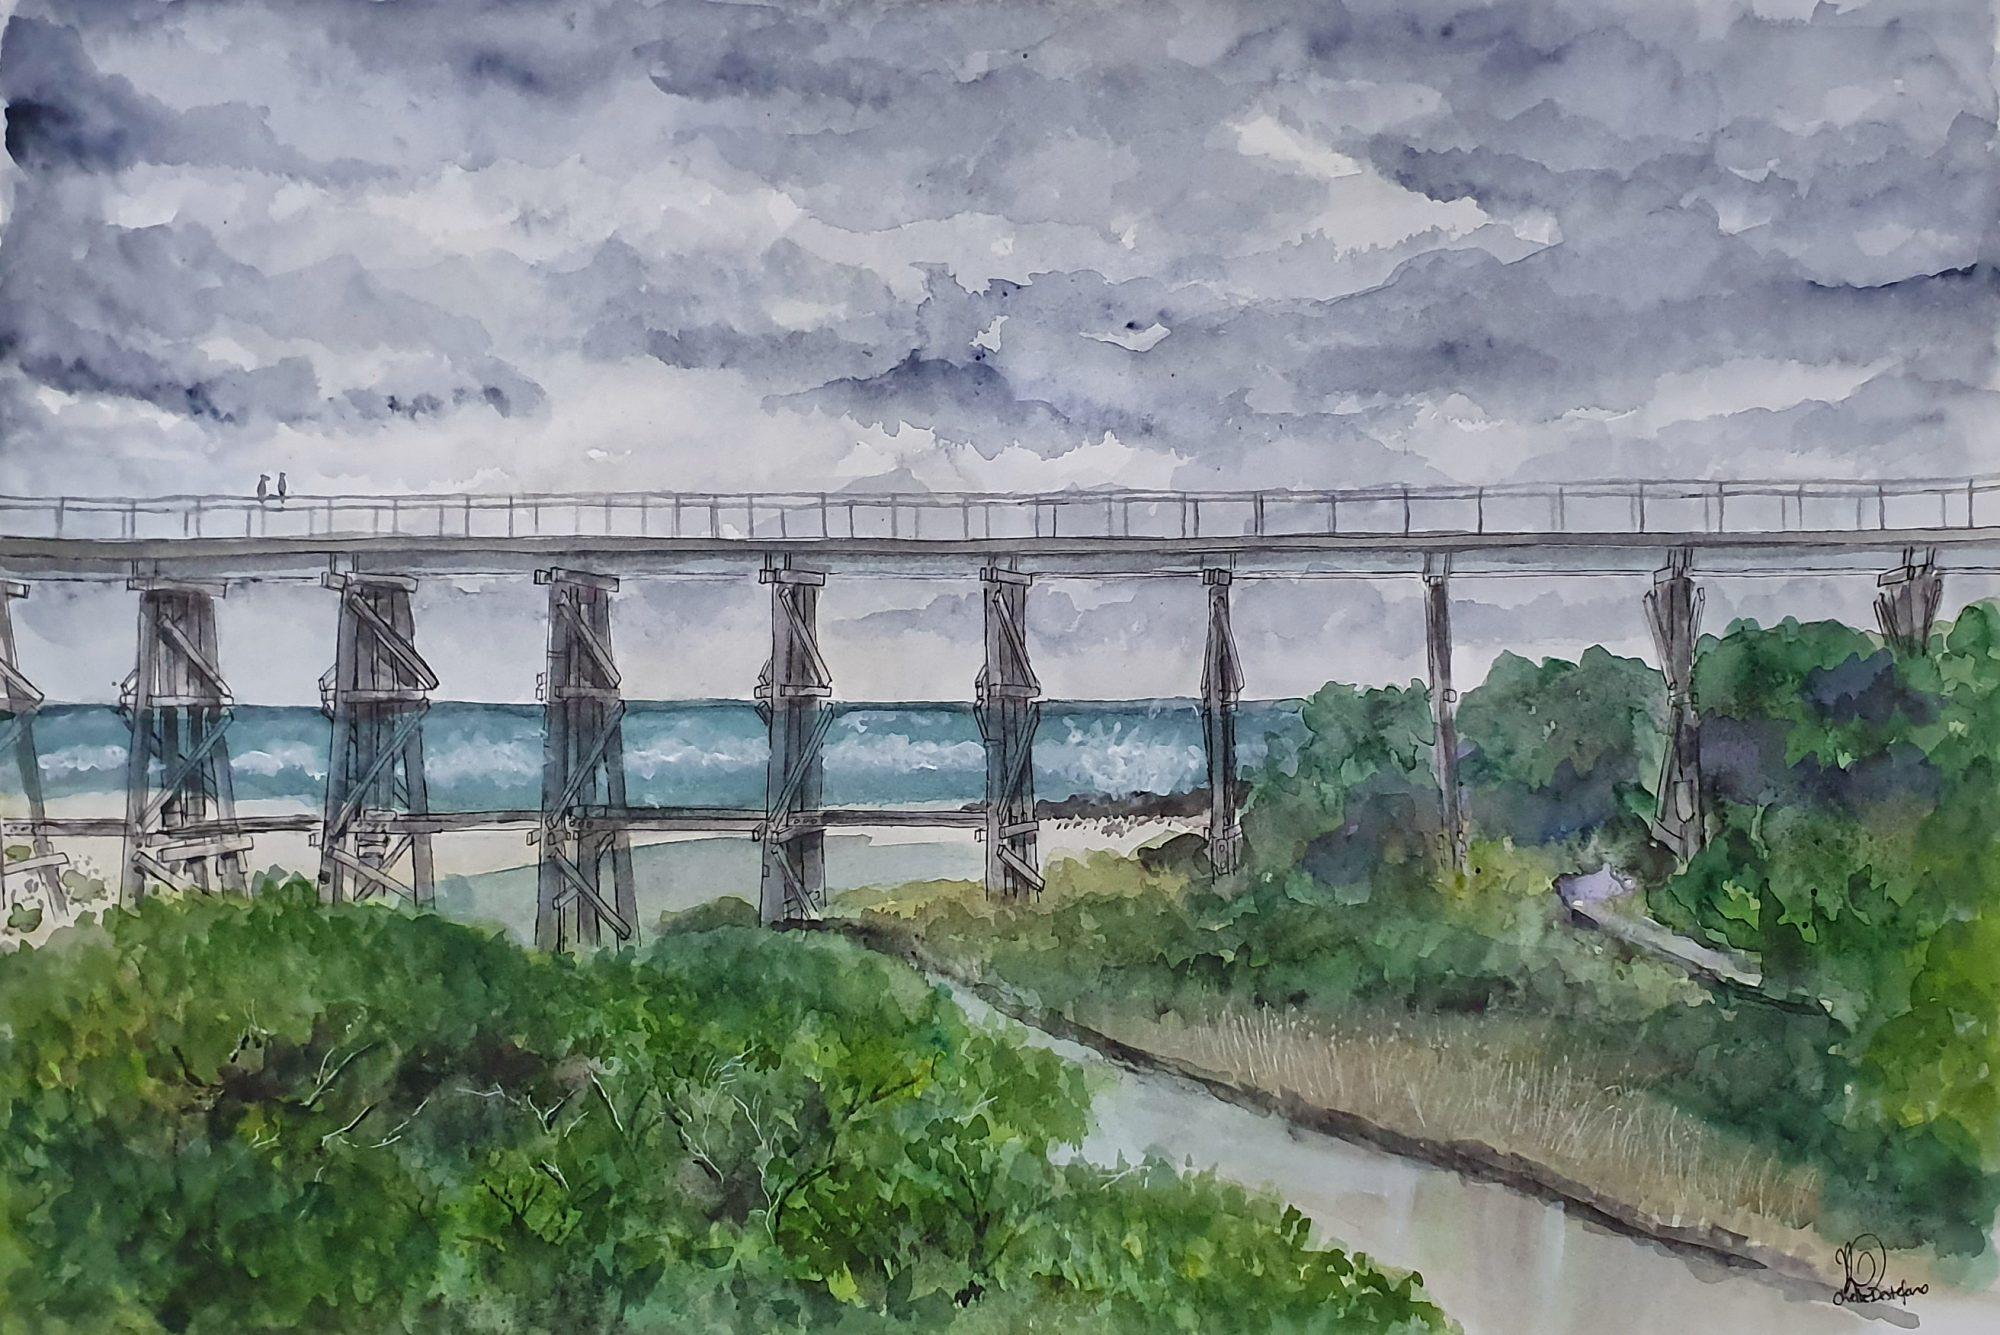 Kilkunda Bridge Stormy Day1